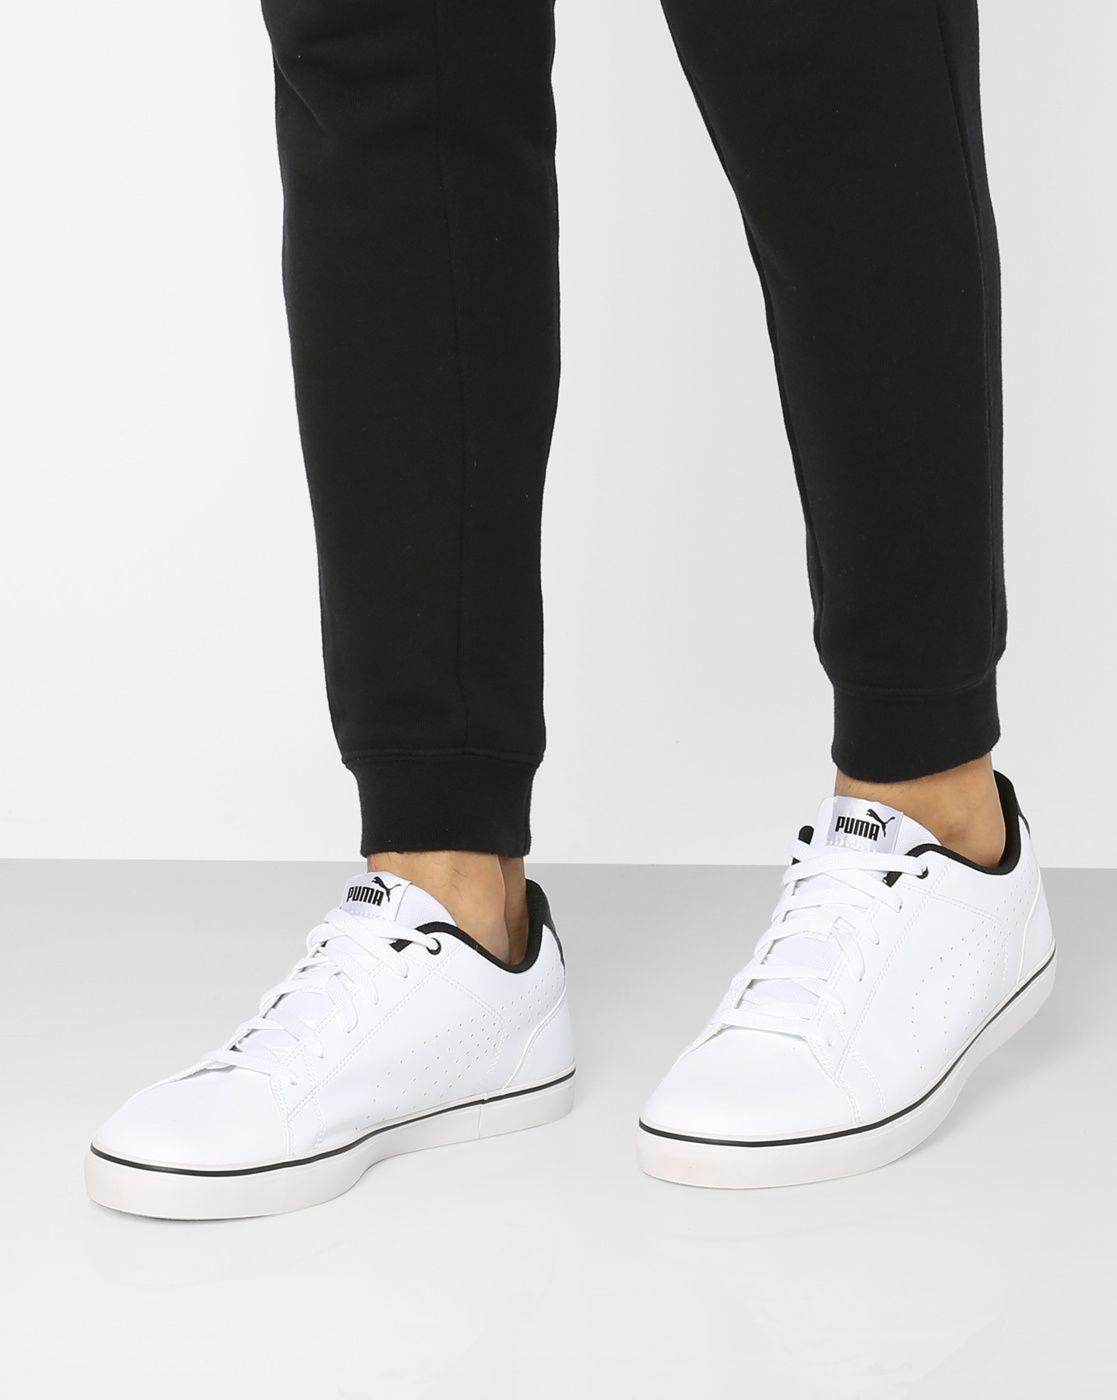 Hot Sale Online Nike Air Jordan 11 Low Retro Creme Customs by Ca